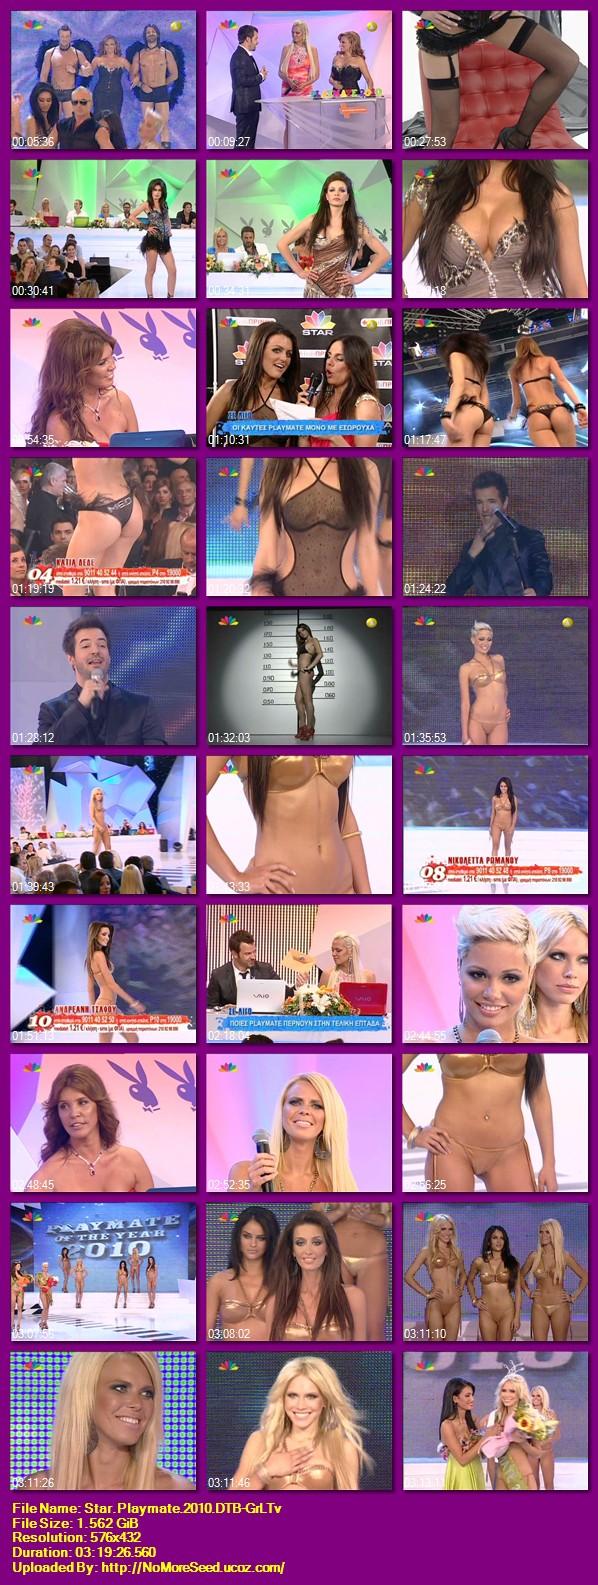 ΕΛΛΗΝΙΚΟΣ ΔΙΑΓΩΝΙΣΜΟΣ PLAYMATE 2010 - Star Playmate 2010  DTB-GrLTv